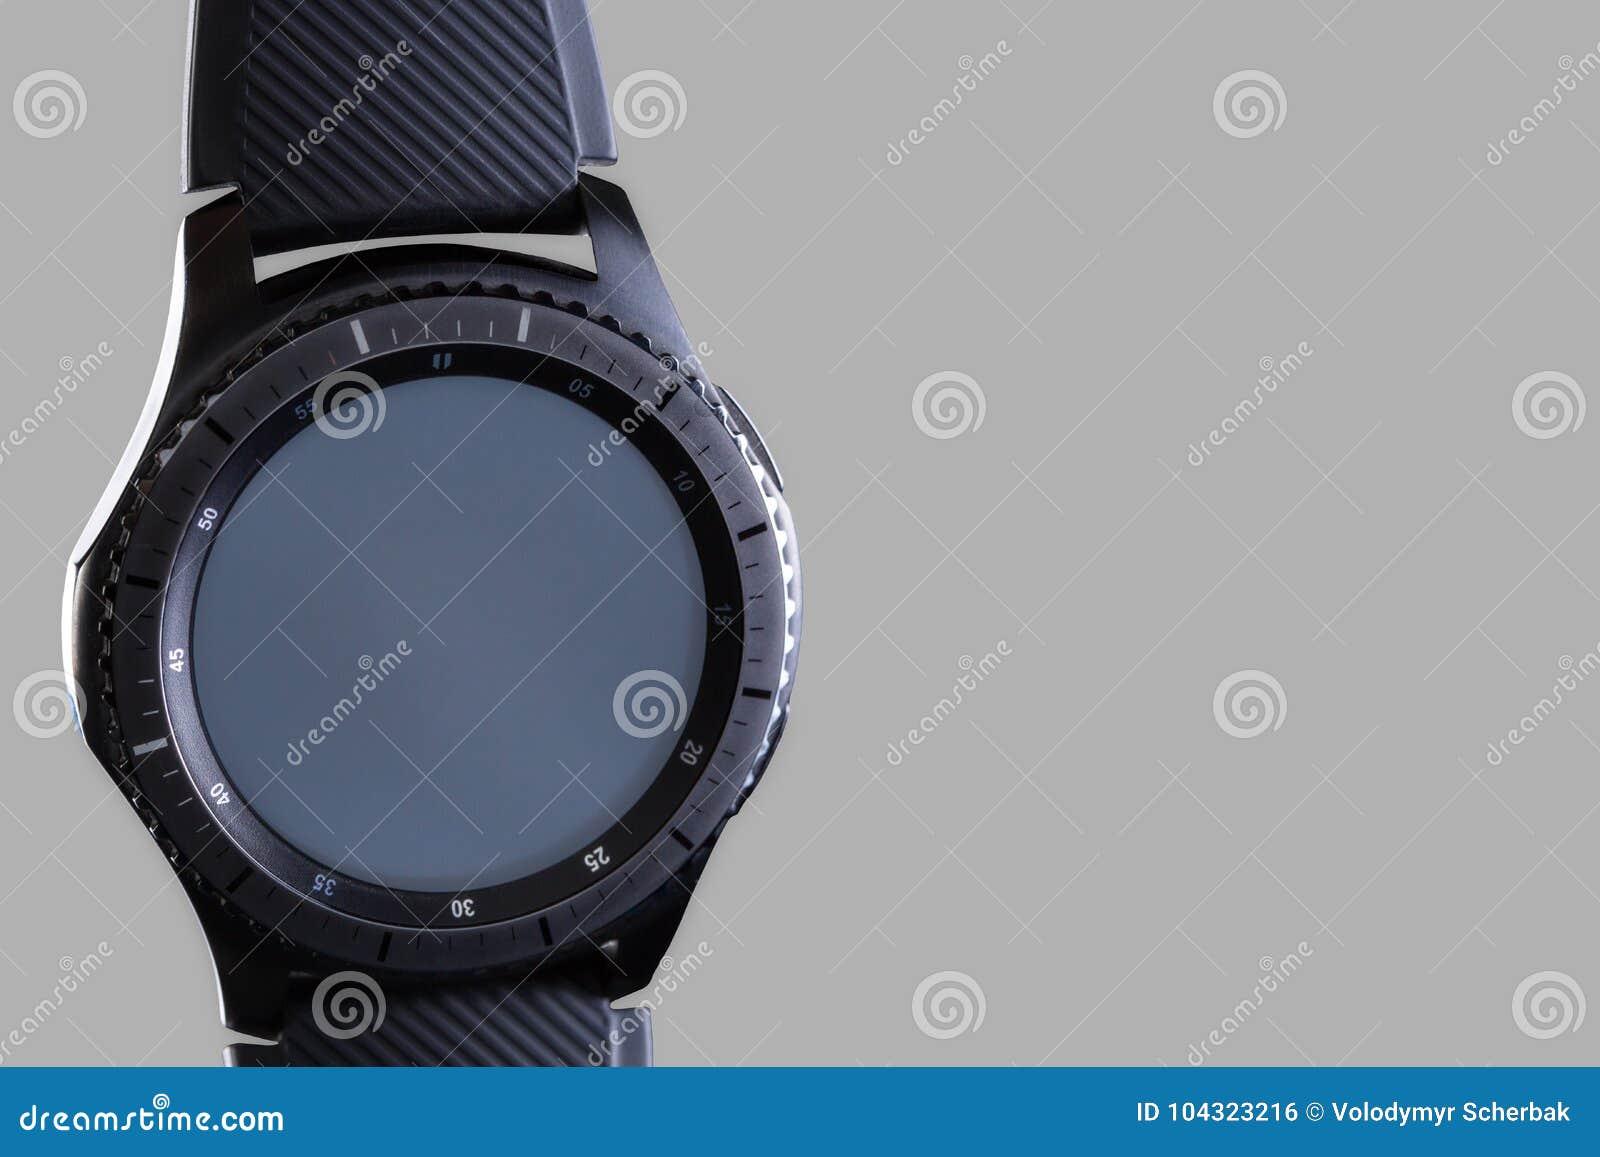 Reloj elegante con un dial vacío en un fondo gris